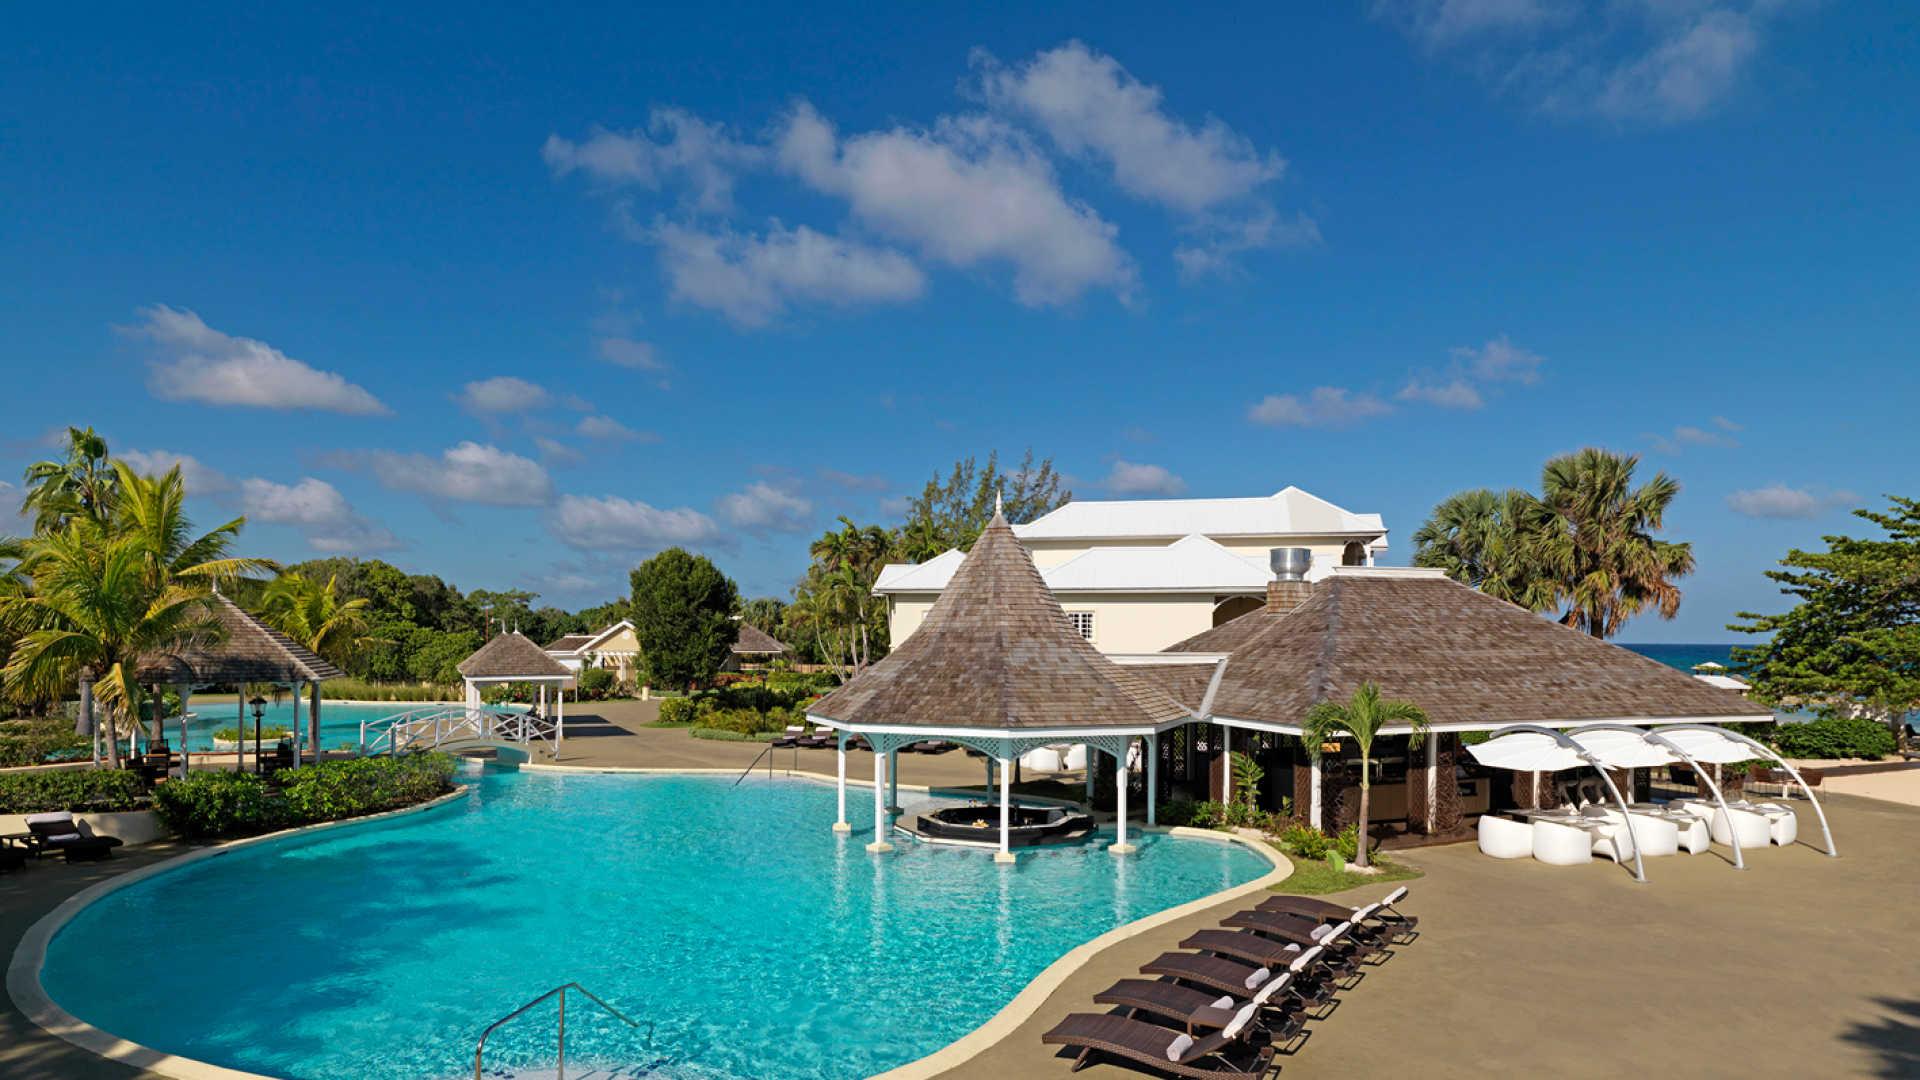 melia-braco-village-hotel-41202241-1497260445-ImageGalleryLightboxLarge.jpg